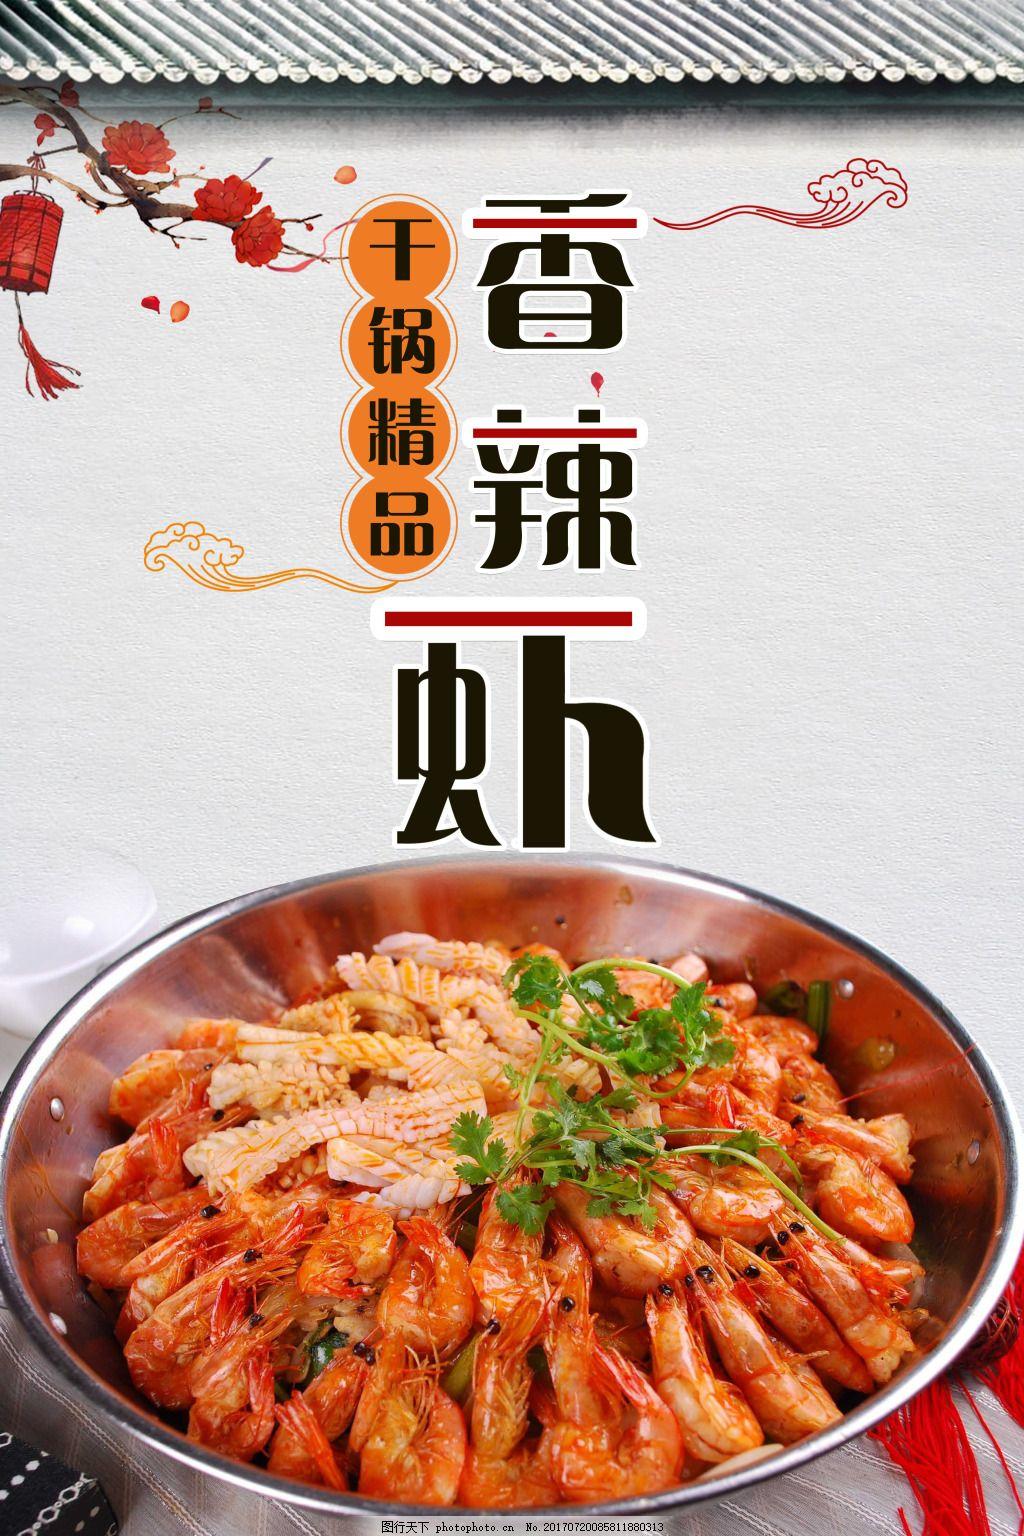 大虾 香辣干锅虾 香锅系列 香锅美食 美食海报 餐饮海报 锅锅虾